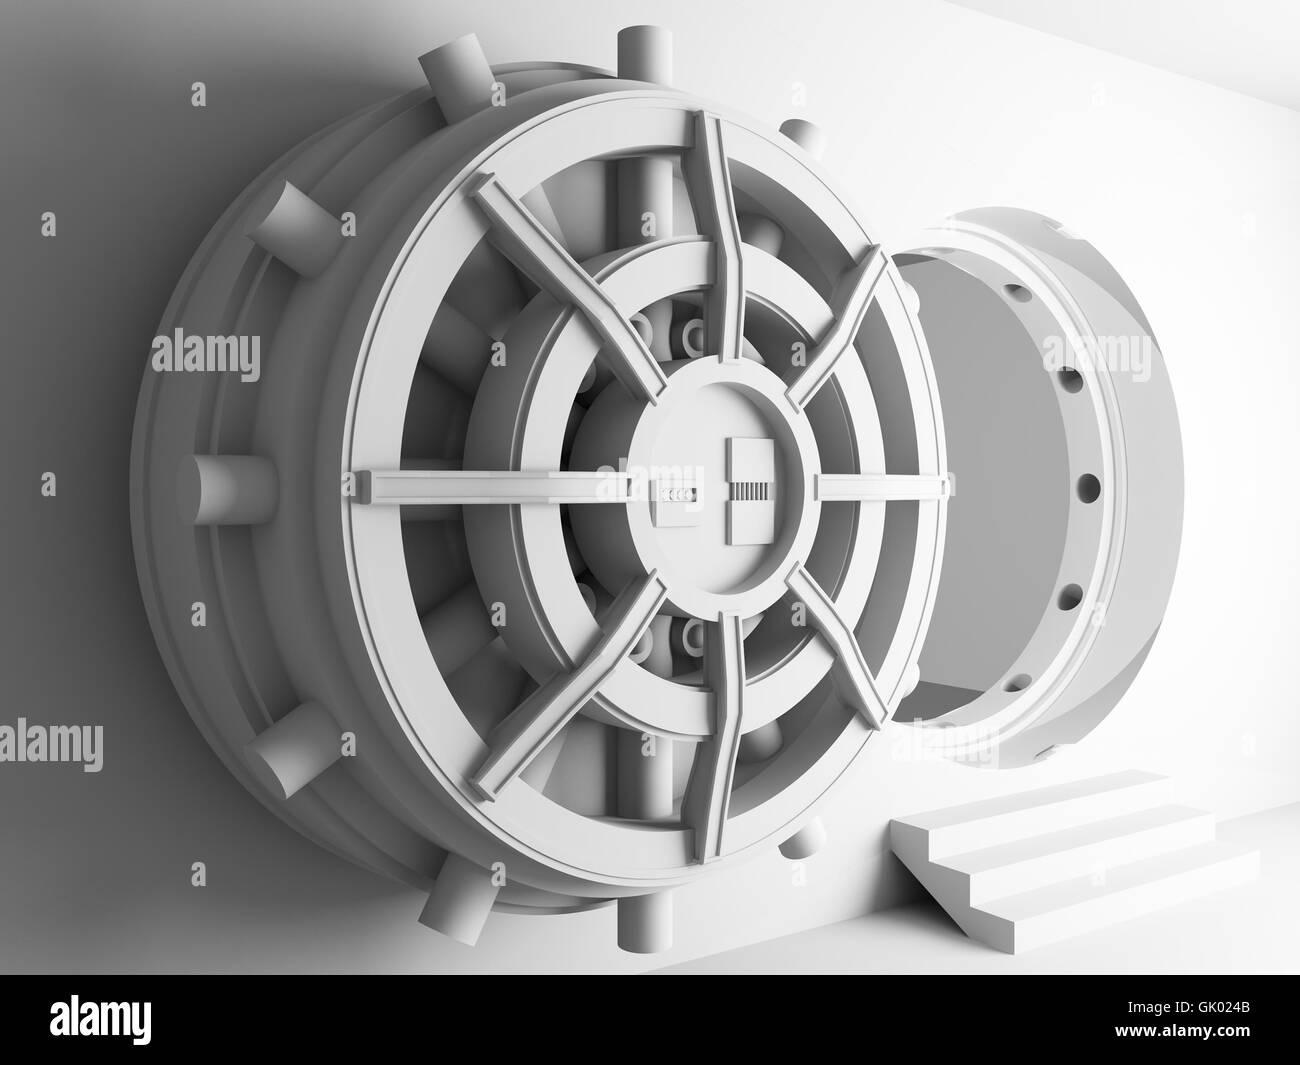 bank lending institution model - Stock Image